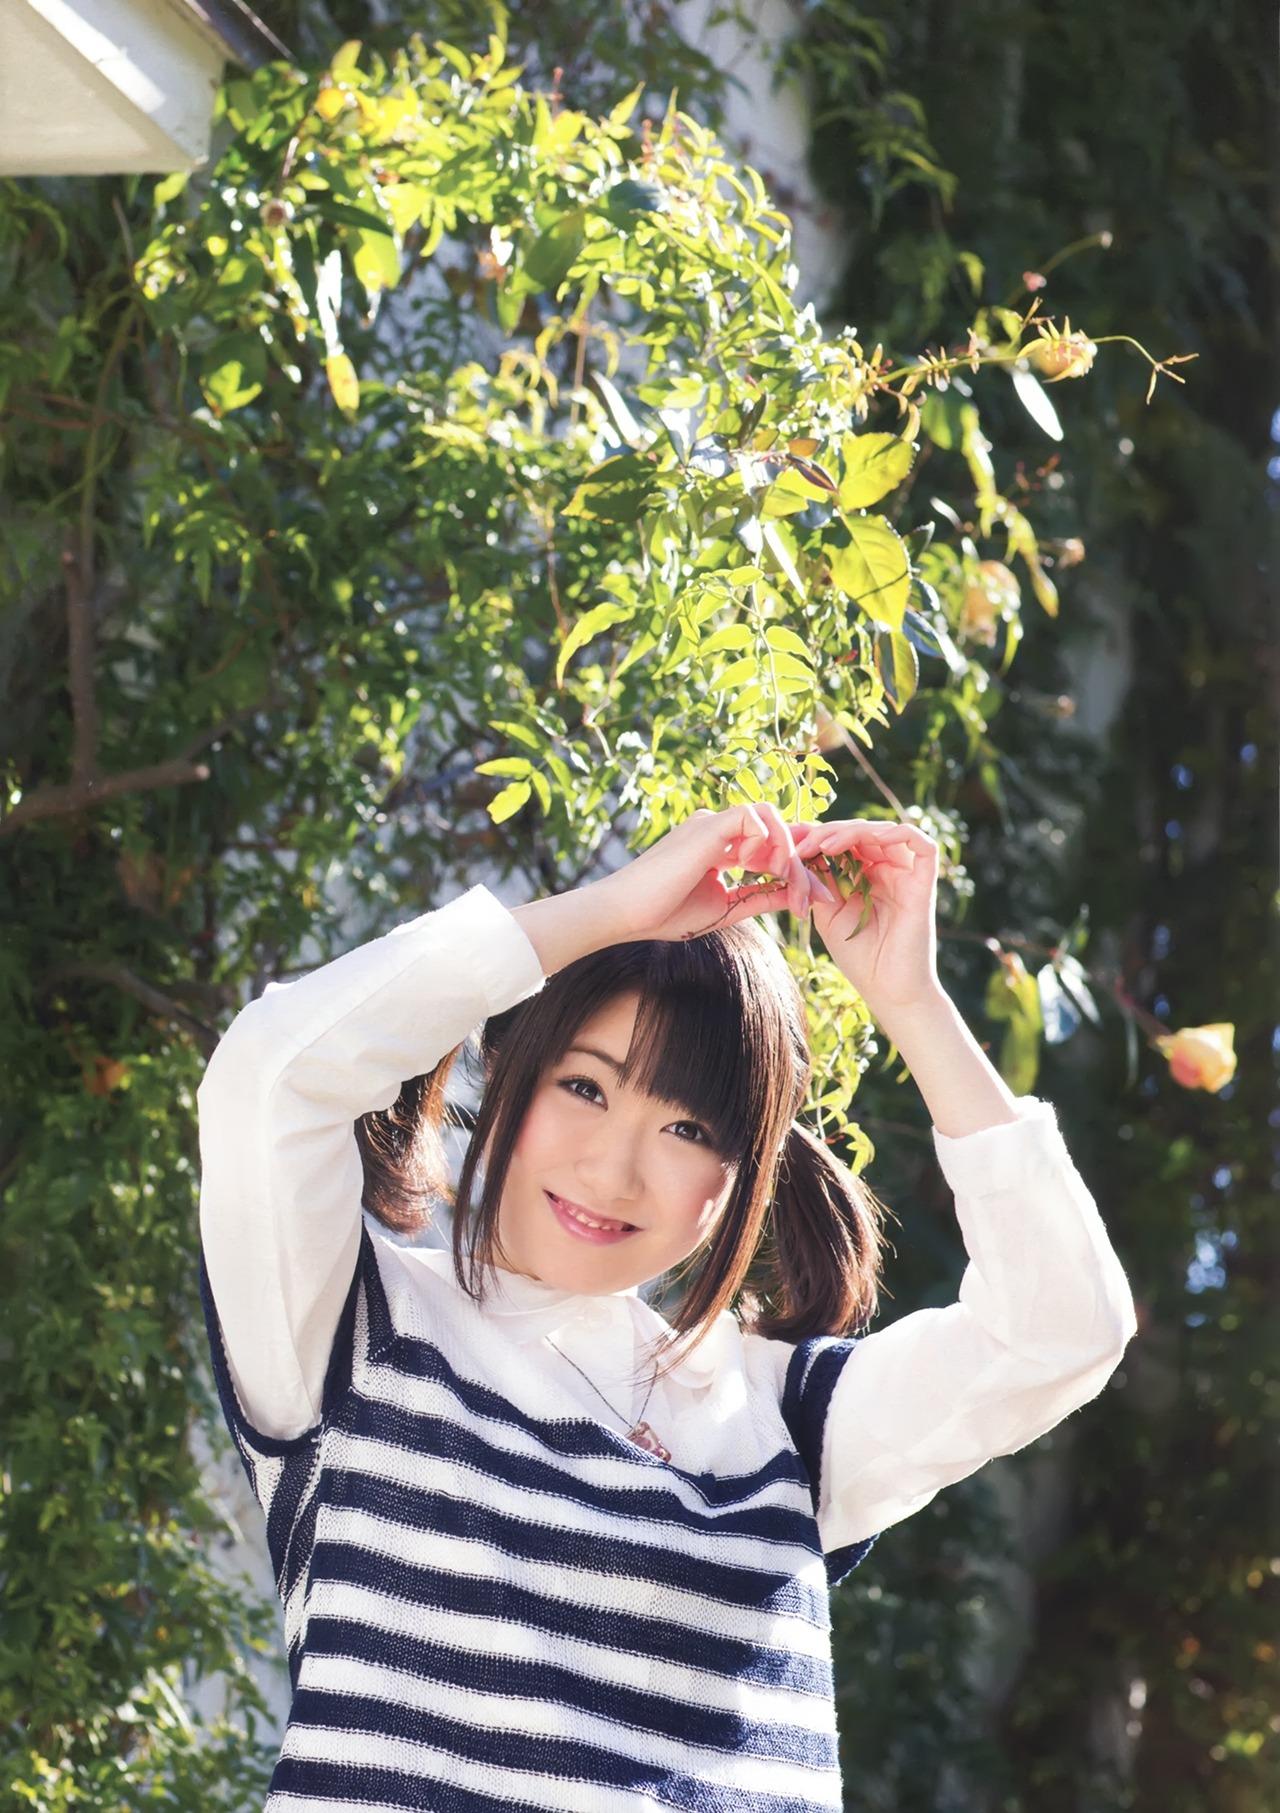 hidaka_rina050.jpg